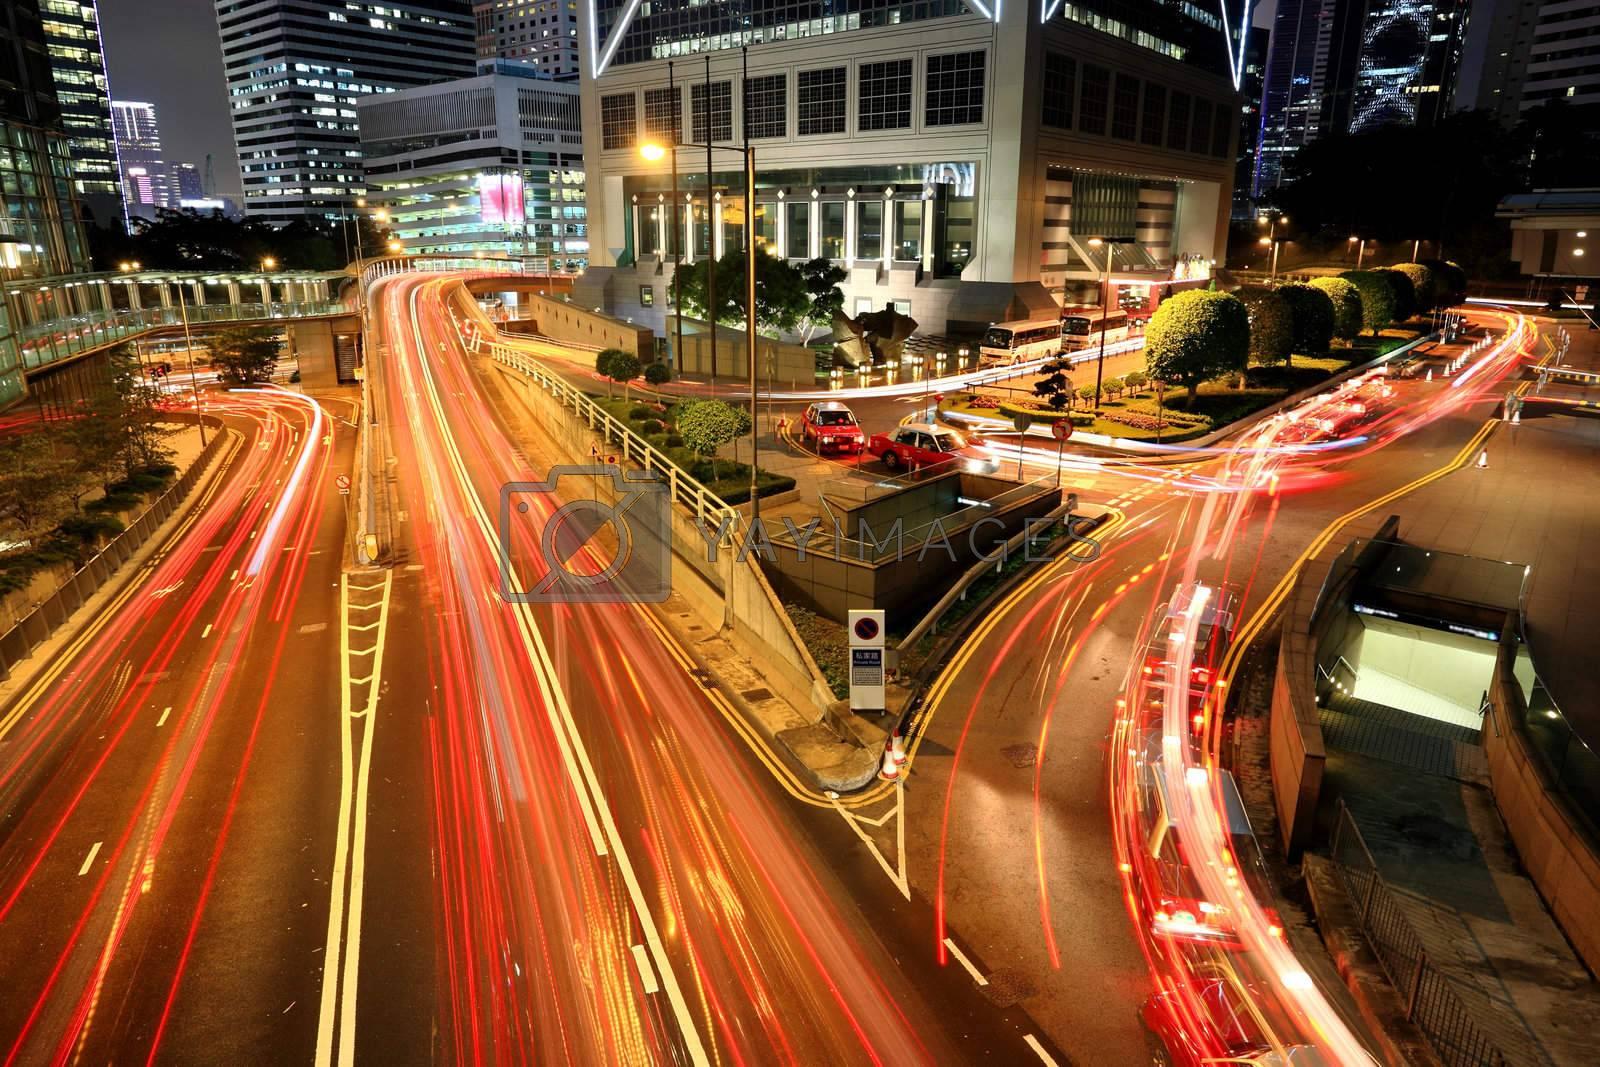 traffic in downtown, Hong kong by leungchopan